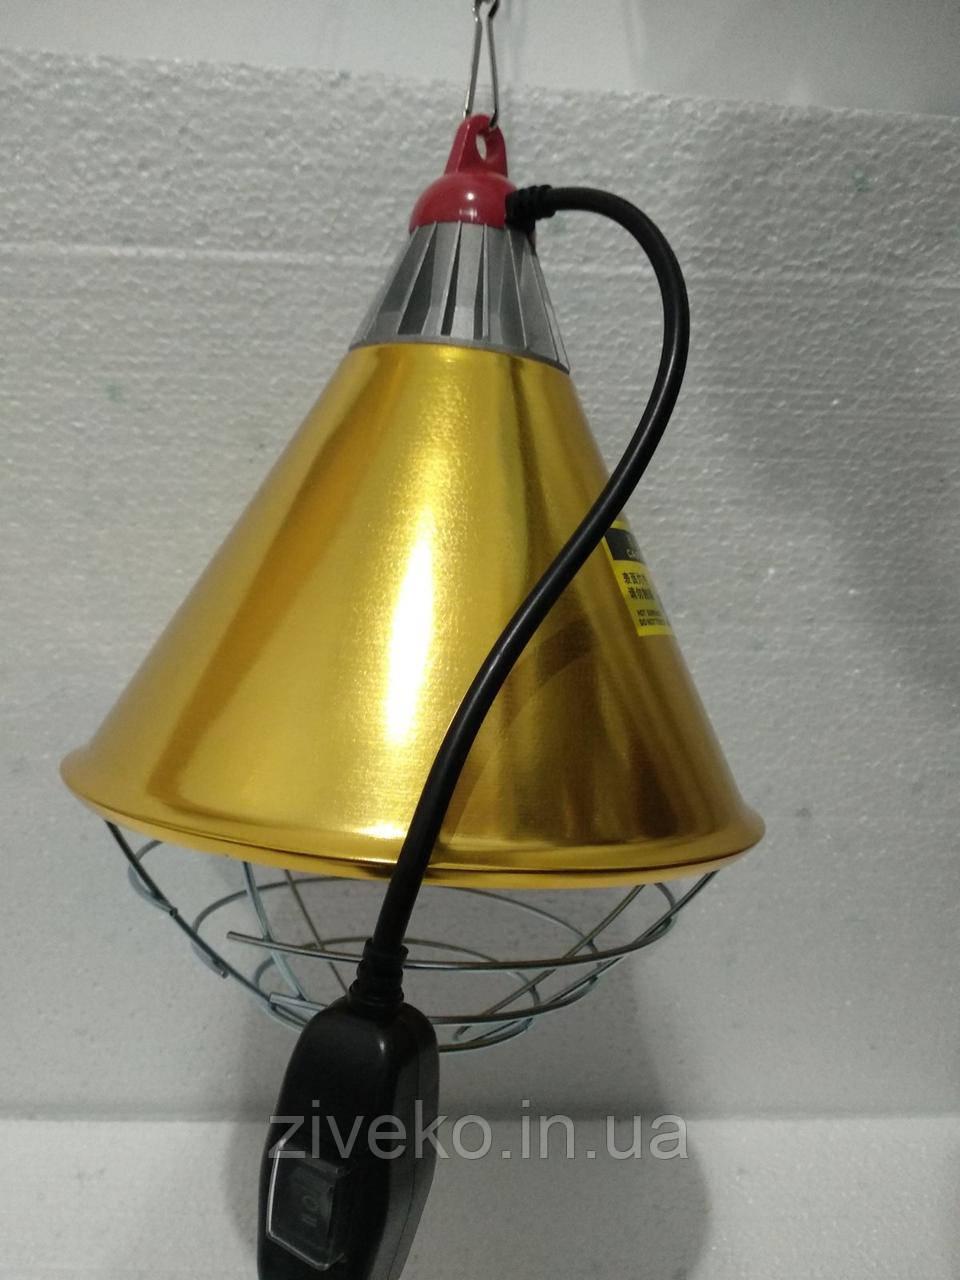 Захисний плафон для інфрачервоних ламп з 3-х ступінчастим перемикачем, 275 Вт